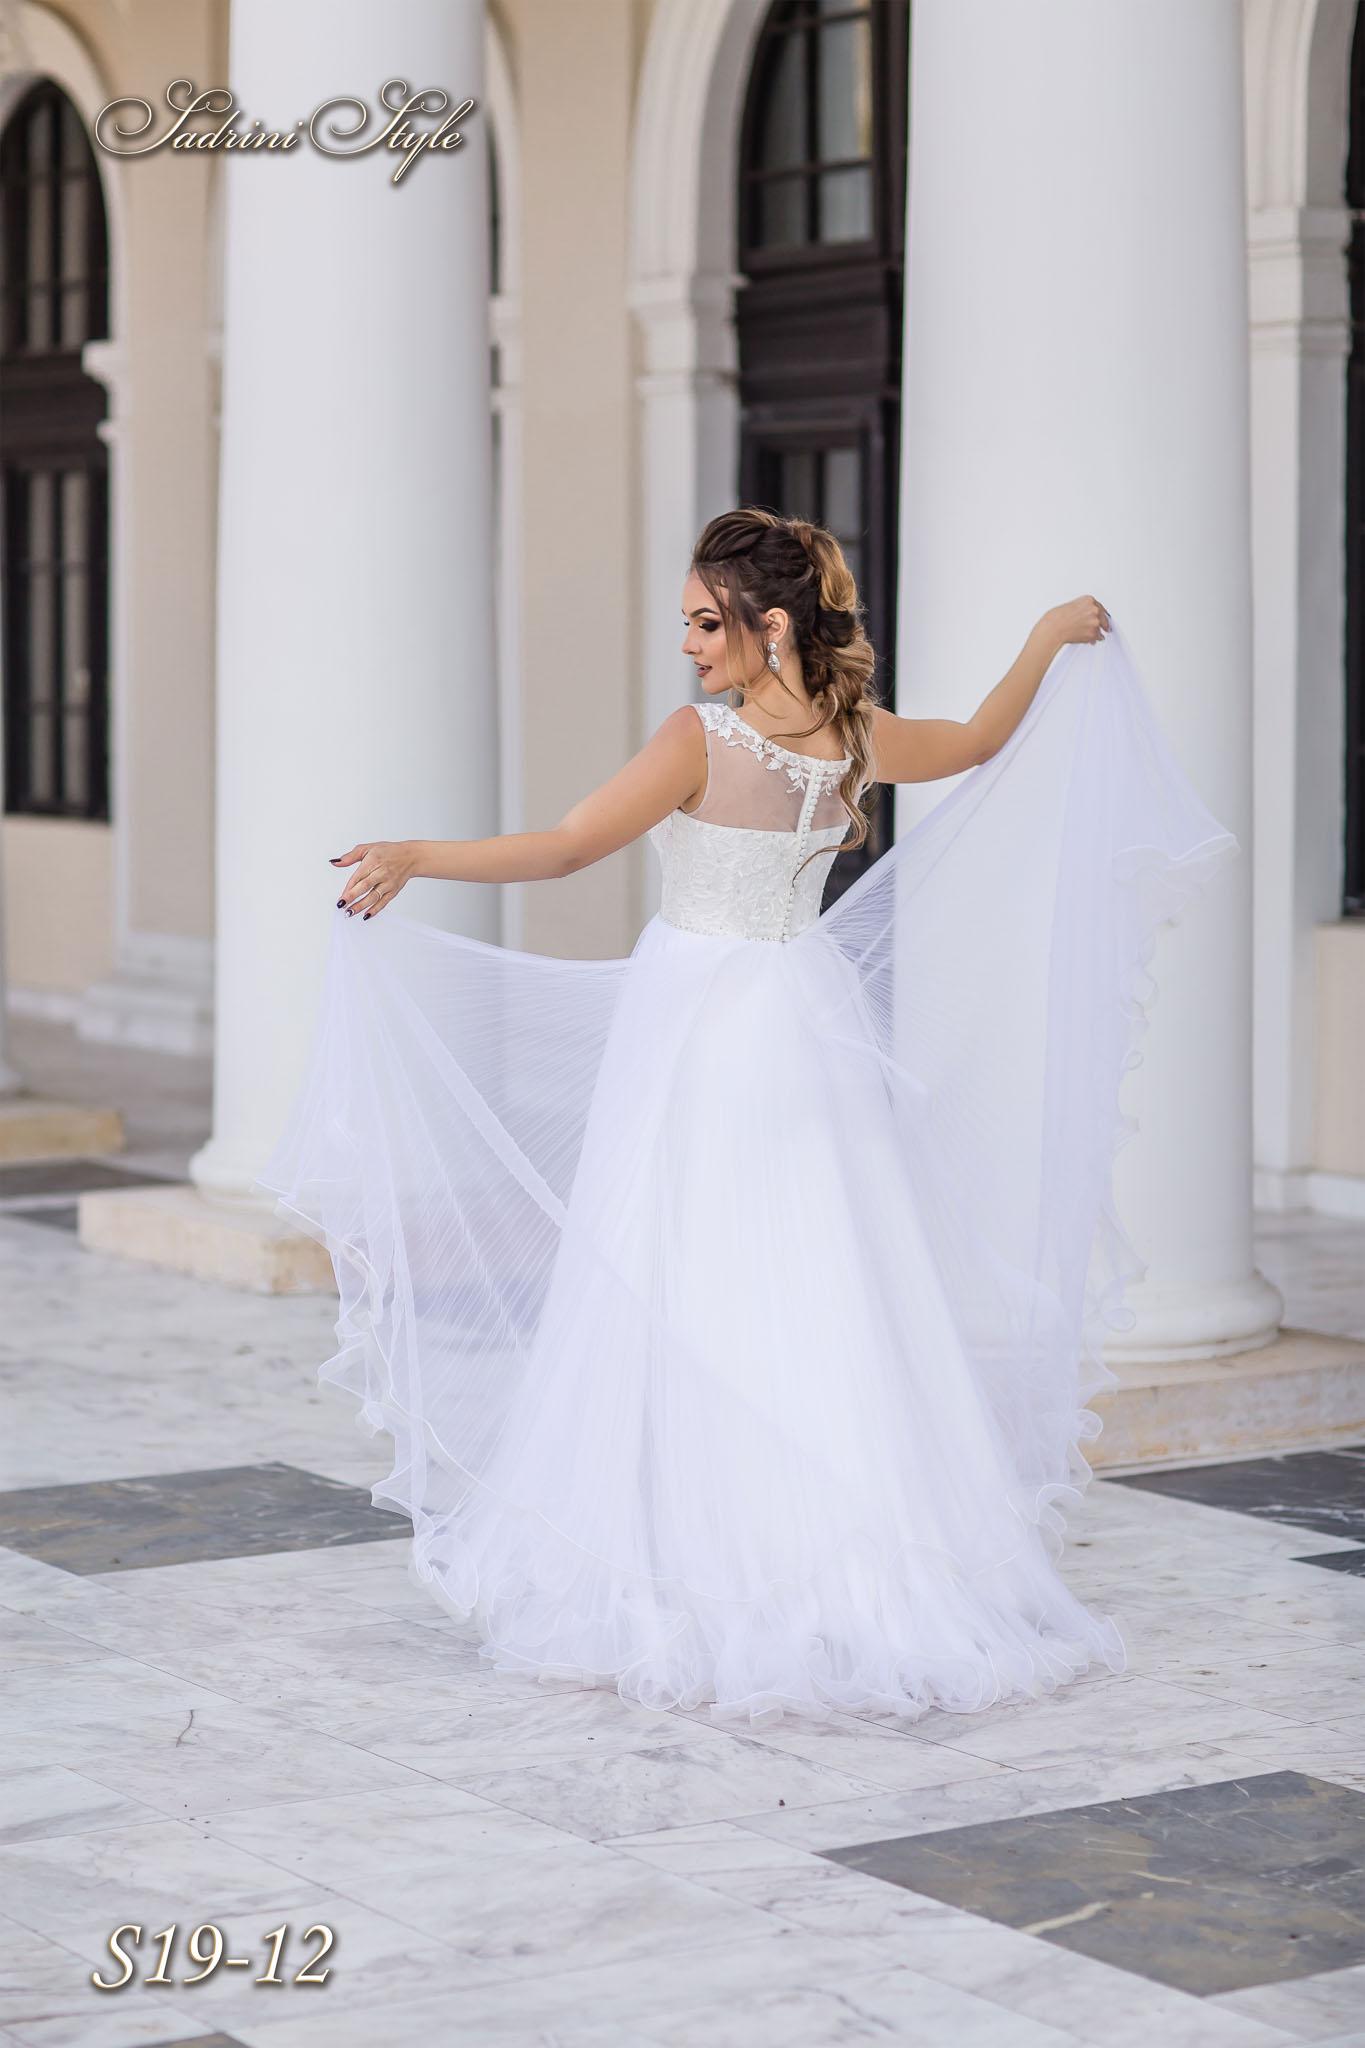 Rochii mireasa 2019-S19-12_02